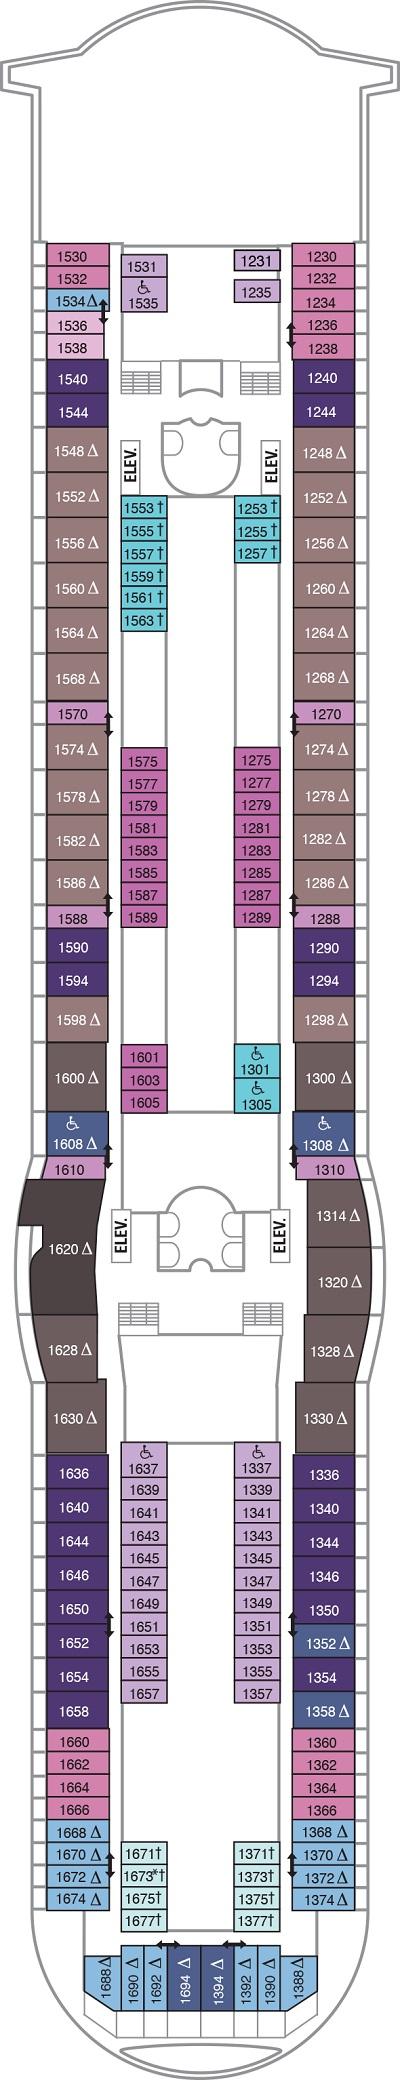 Deck 10 (starts 3-19-18)